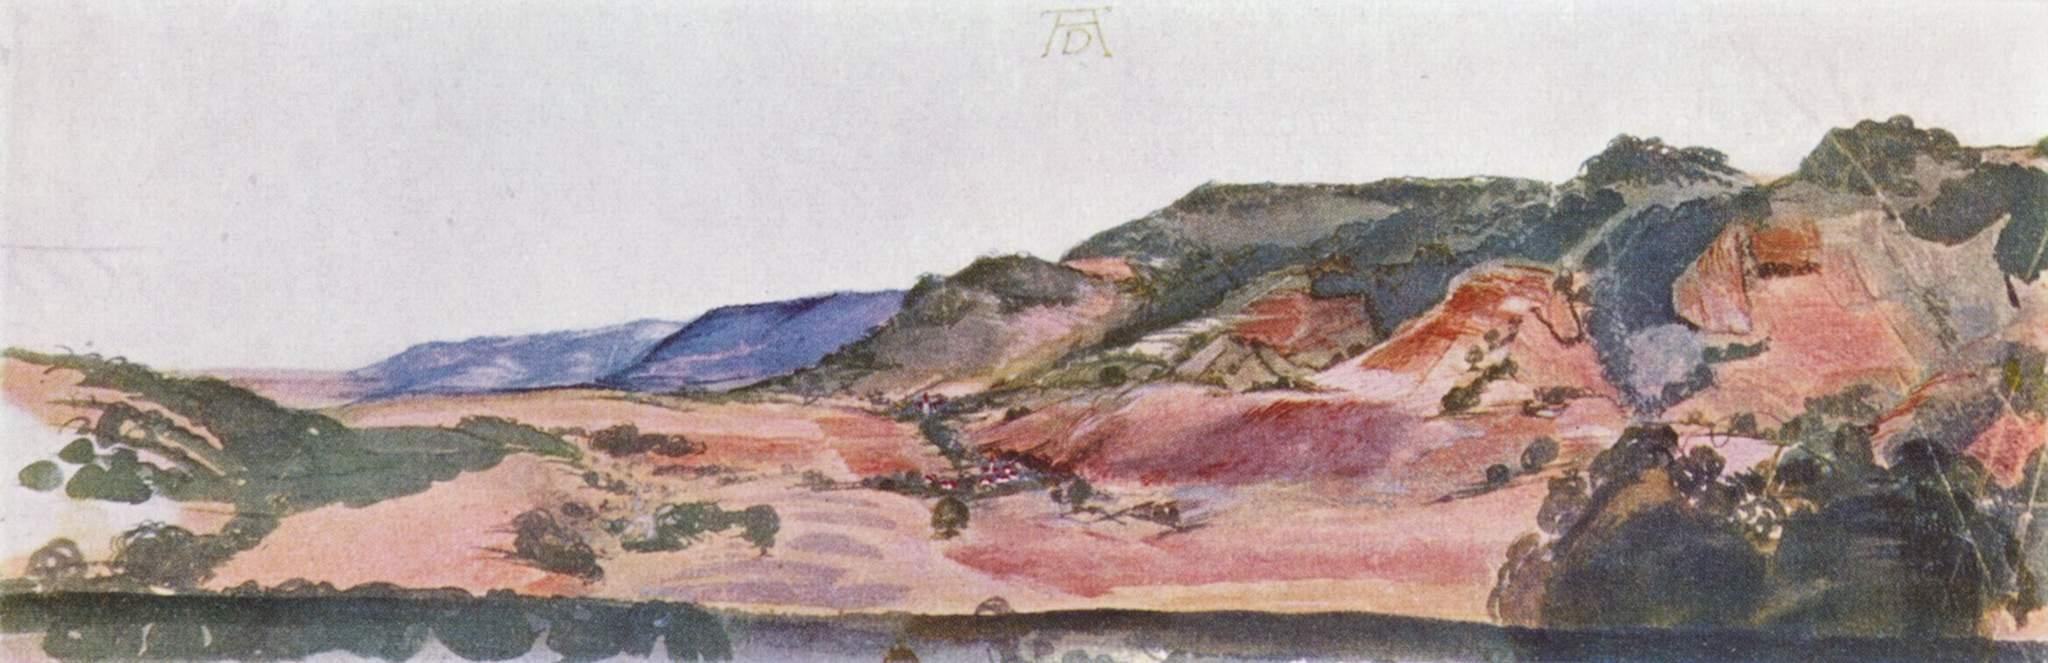 Долина Калькройт, Альбрехт Дюрер